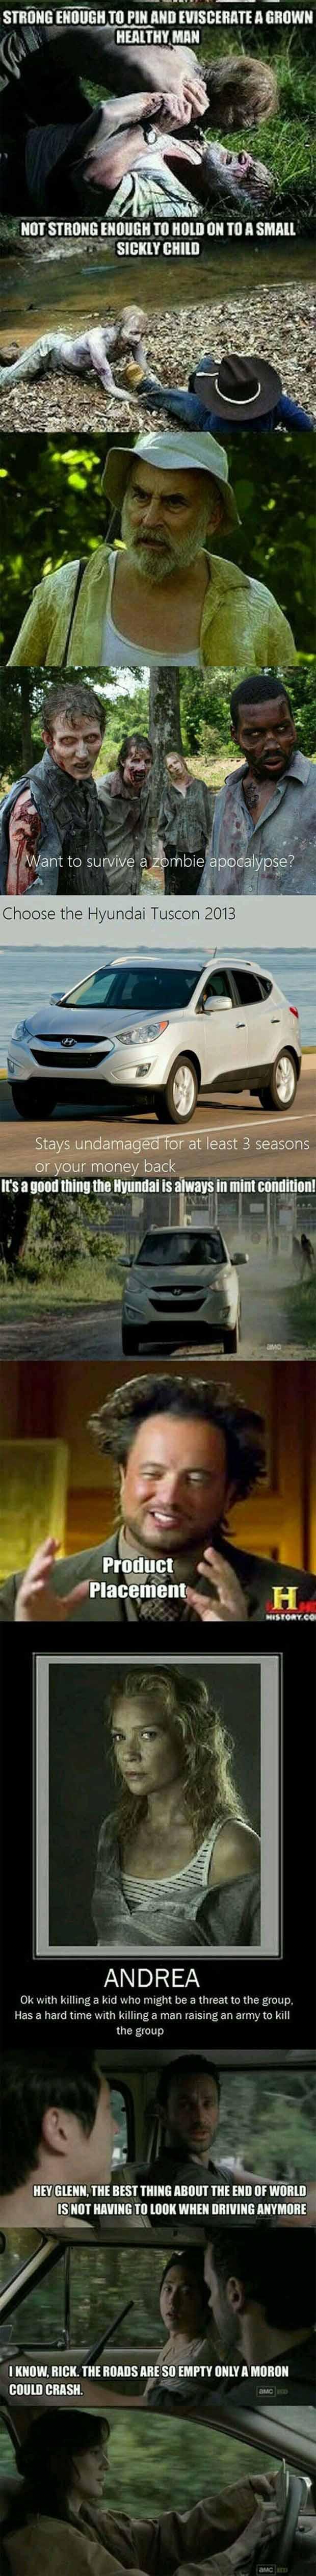 The Walking Dead Logic